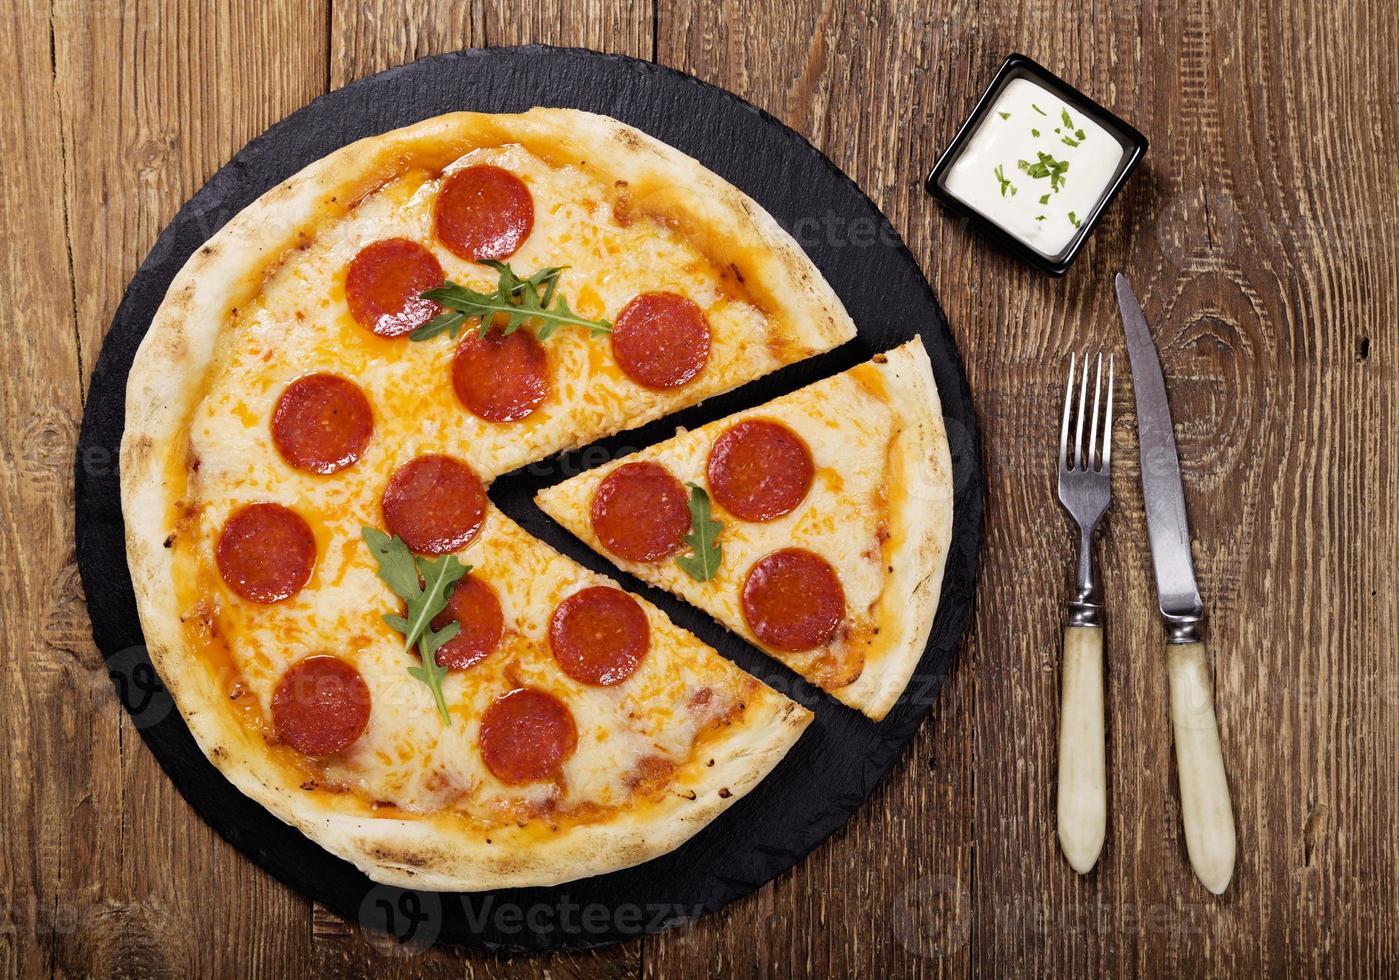 pizza peperoni op plaat foto